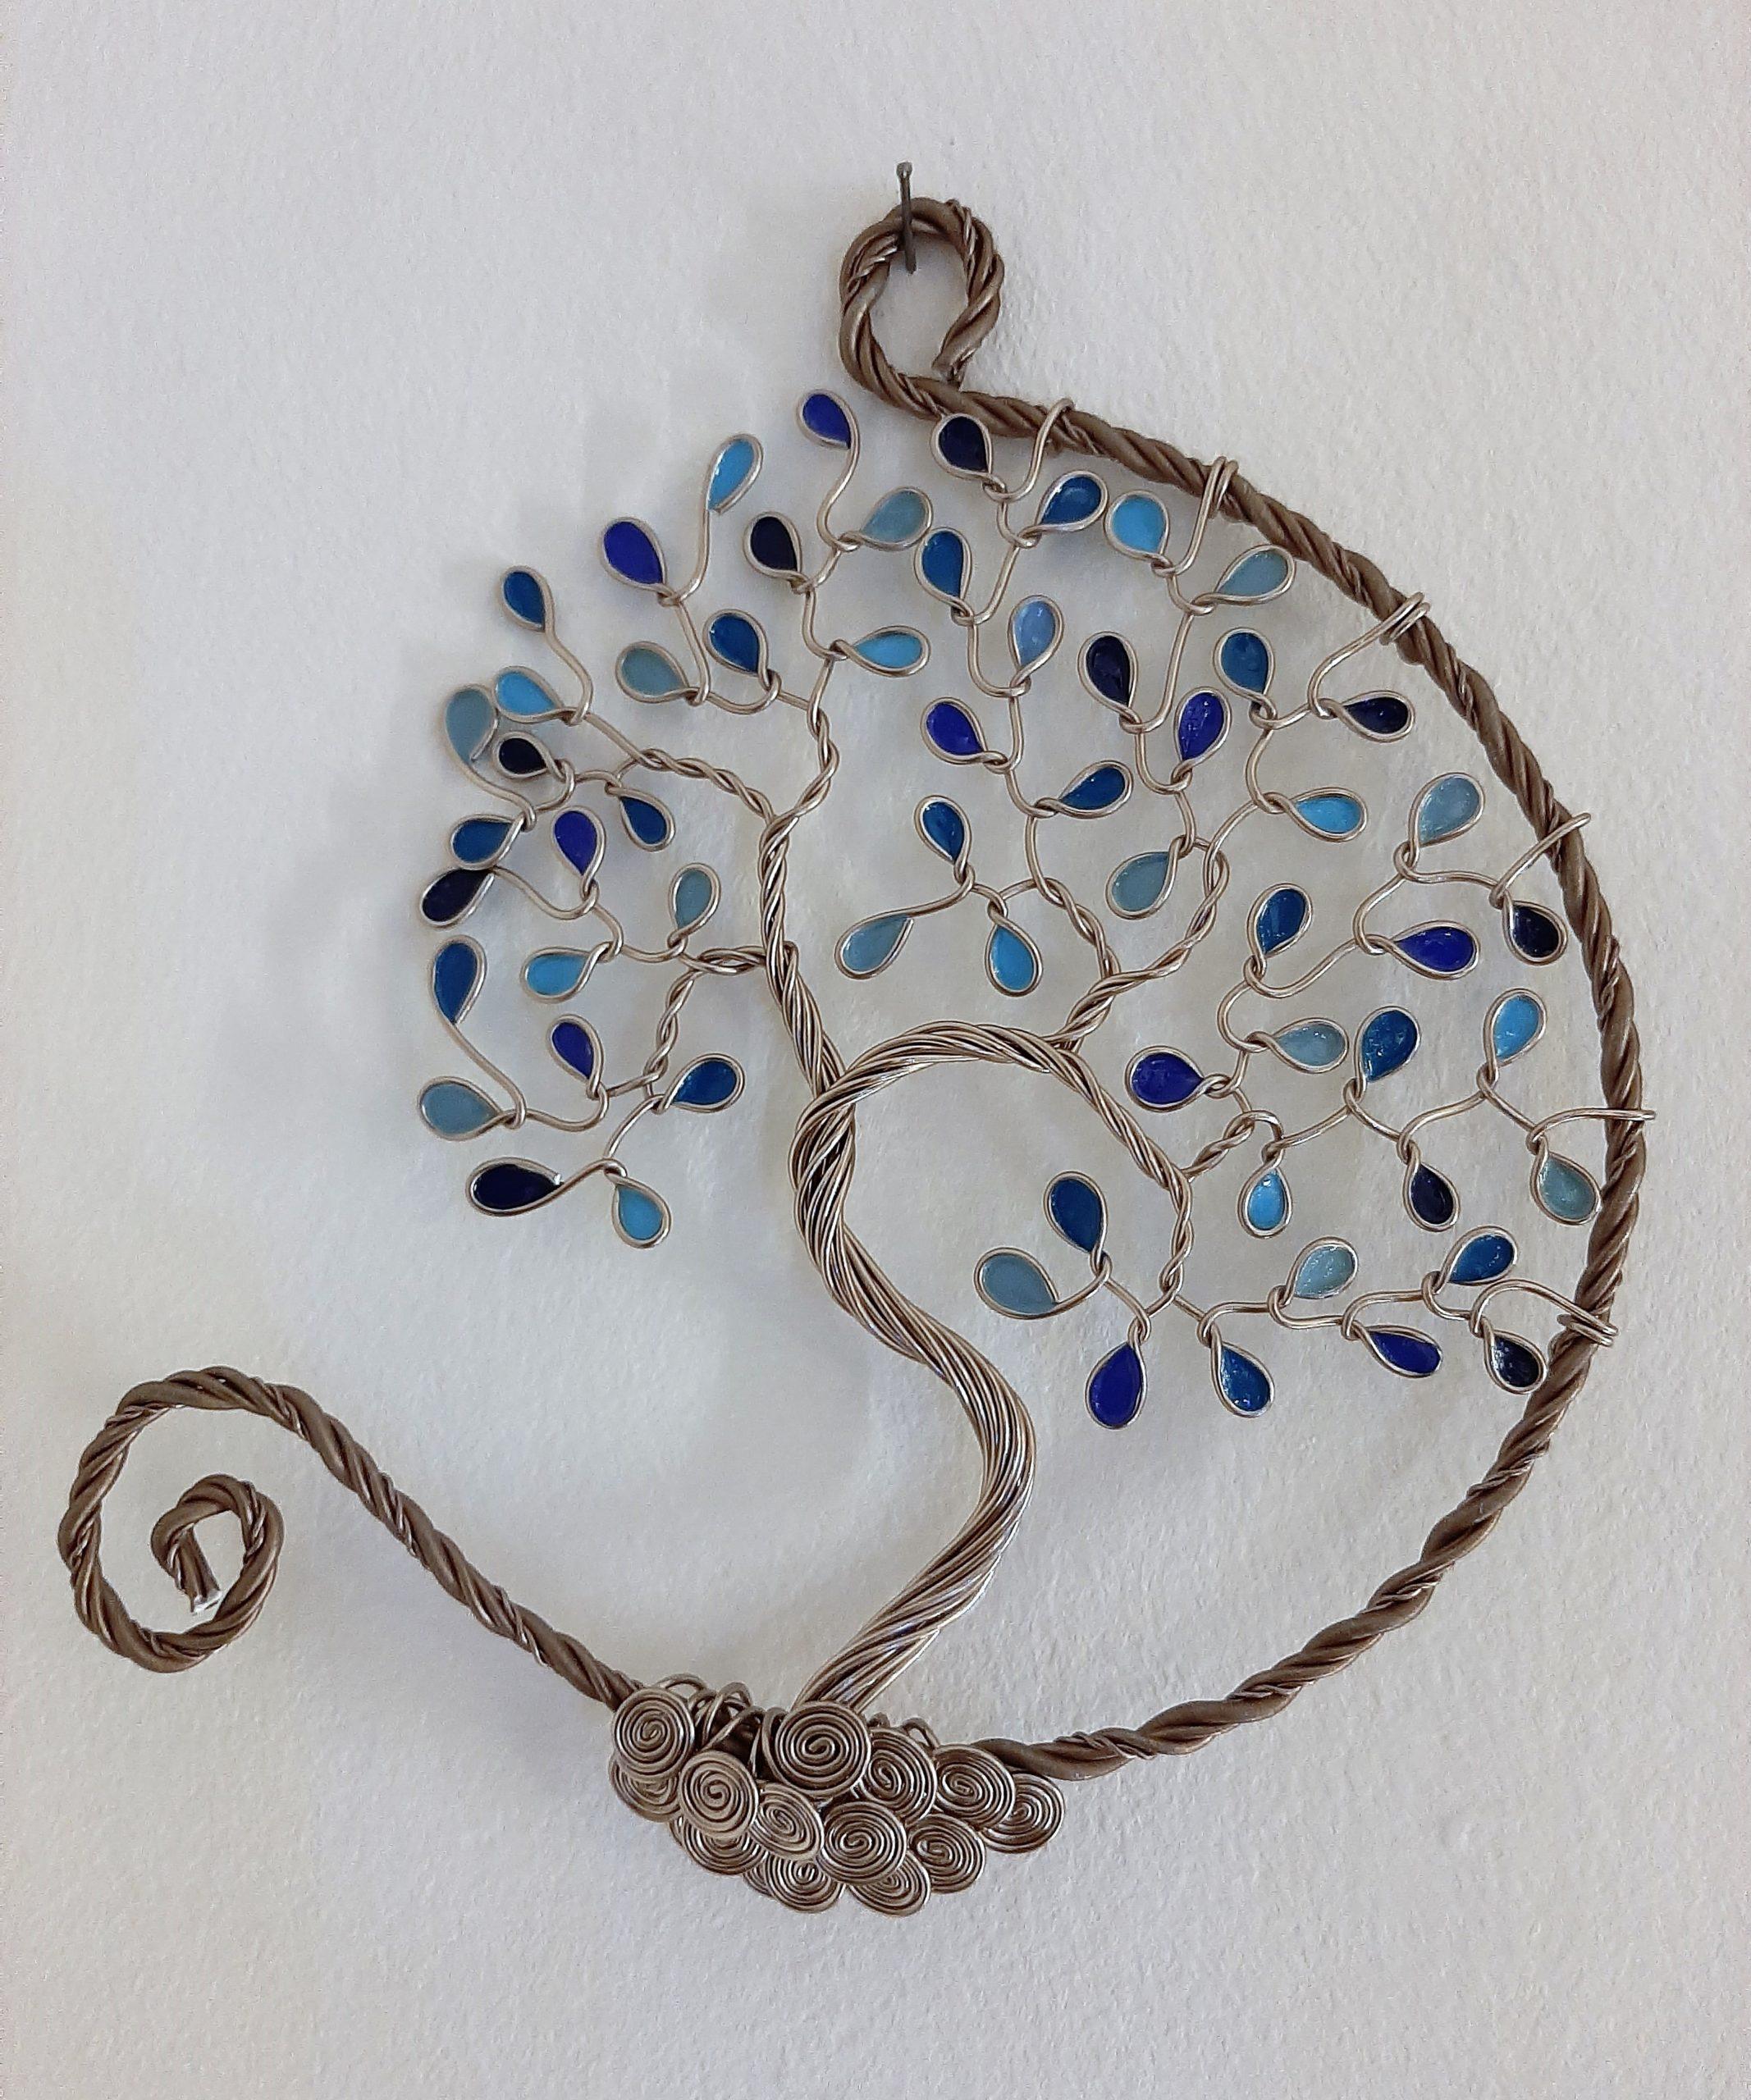 20 cm – Feuilles camaïeu de bleu – Marron clair – Ouvert